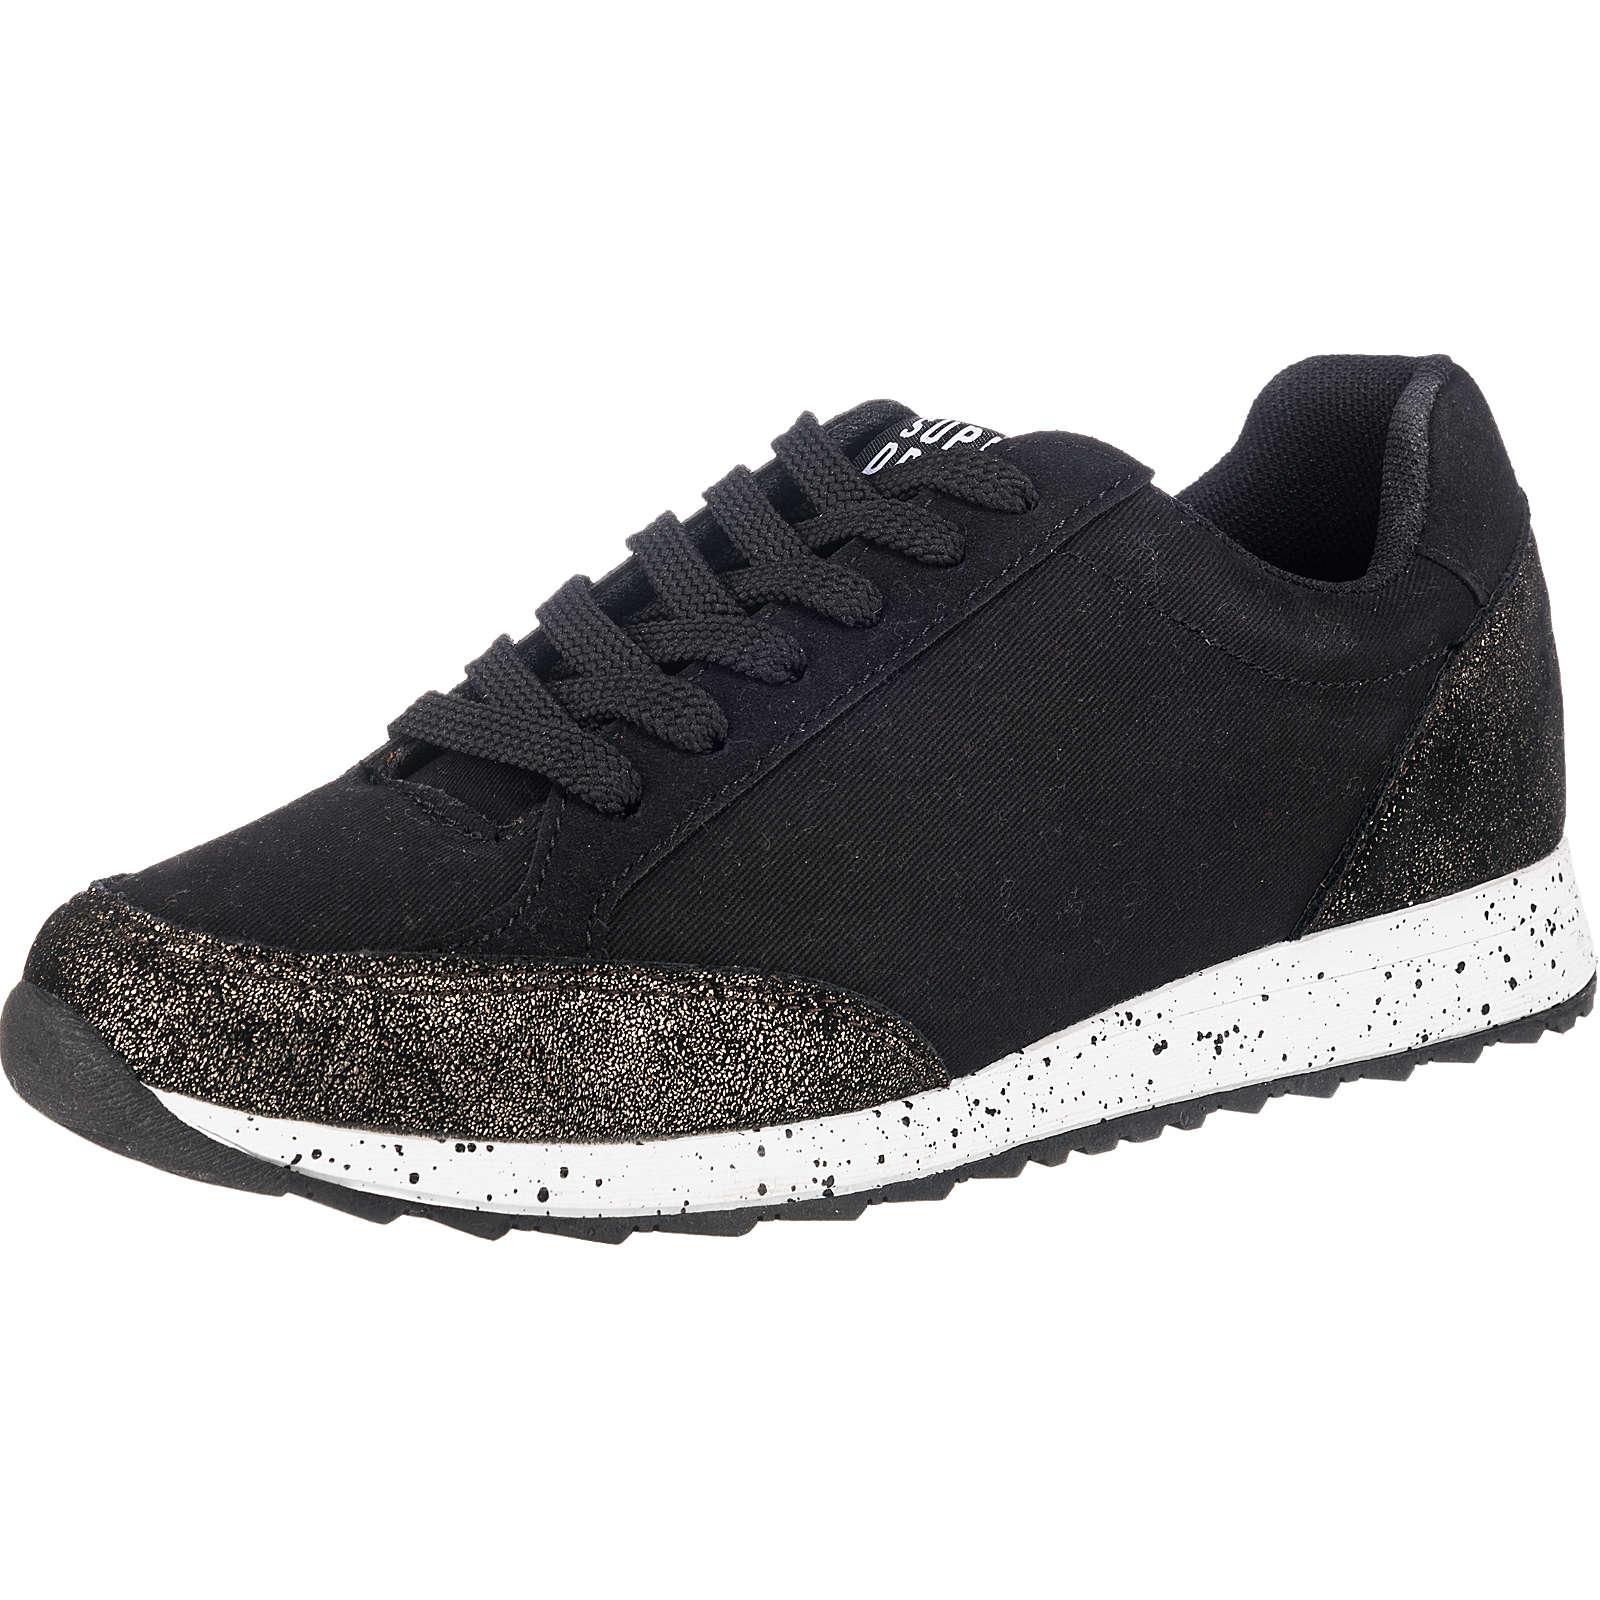 Superdry Core Runner Sneakers schwarz-kombi Damen Gr. 40